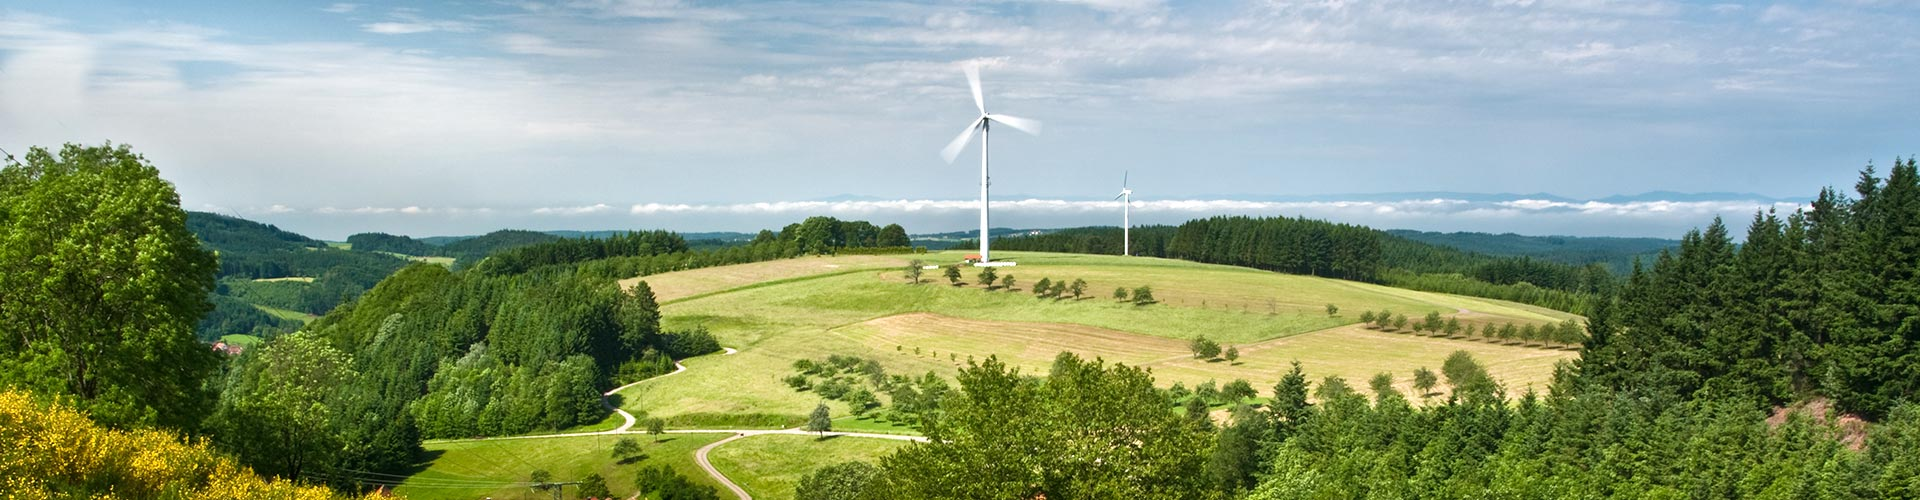 Windenergieanlage am Geisberg (Schuttertal) im mittleren Schwarzwald. Foto: Michael Sauer